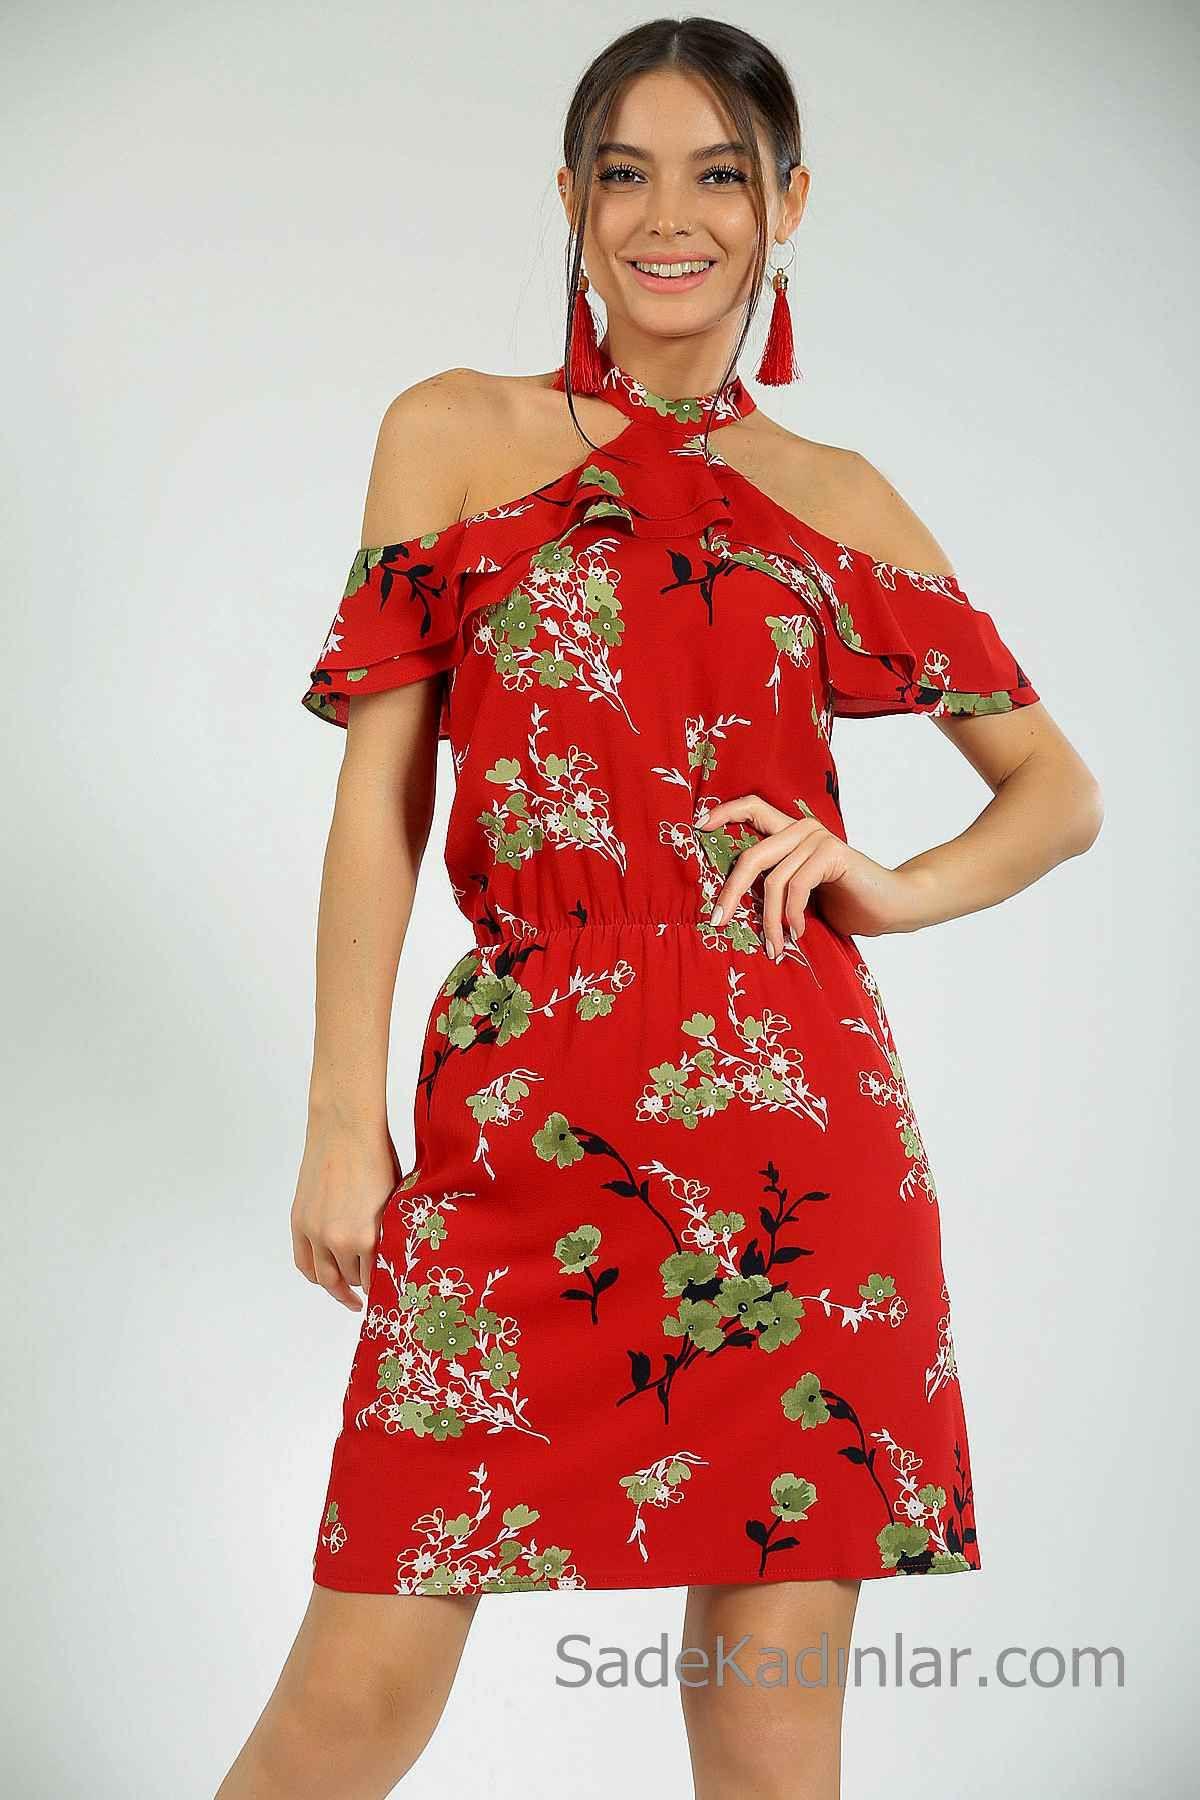 2020 Gunluk Elbise Modelleri Kirmizi Kisa Boyundan Askili Omuzlar Acik Dusuk Kol Desenli Elbise Modelleri Elbise Elbiseler